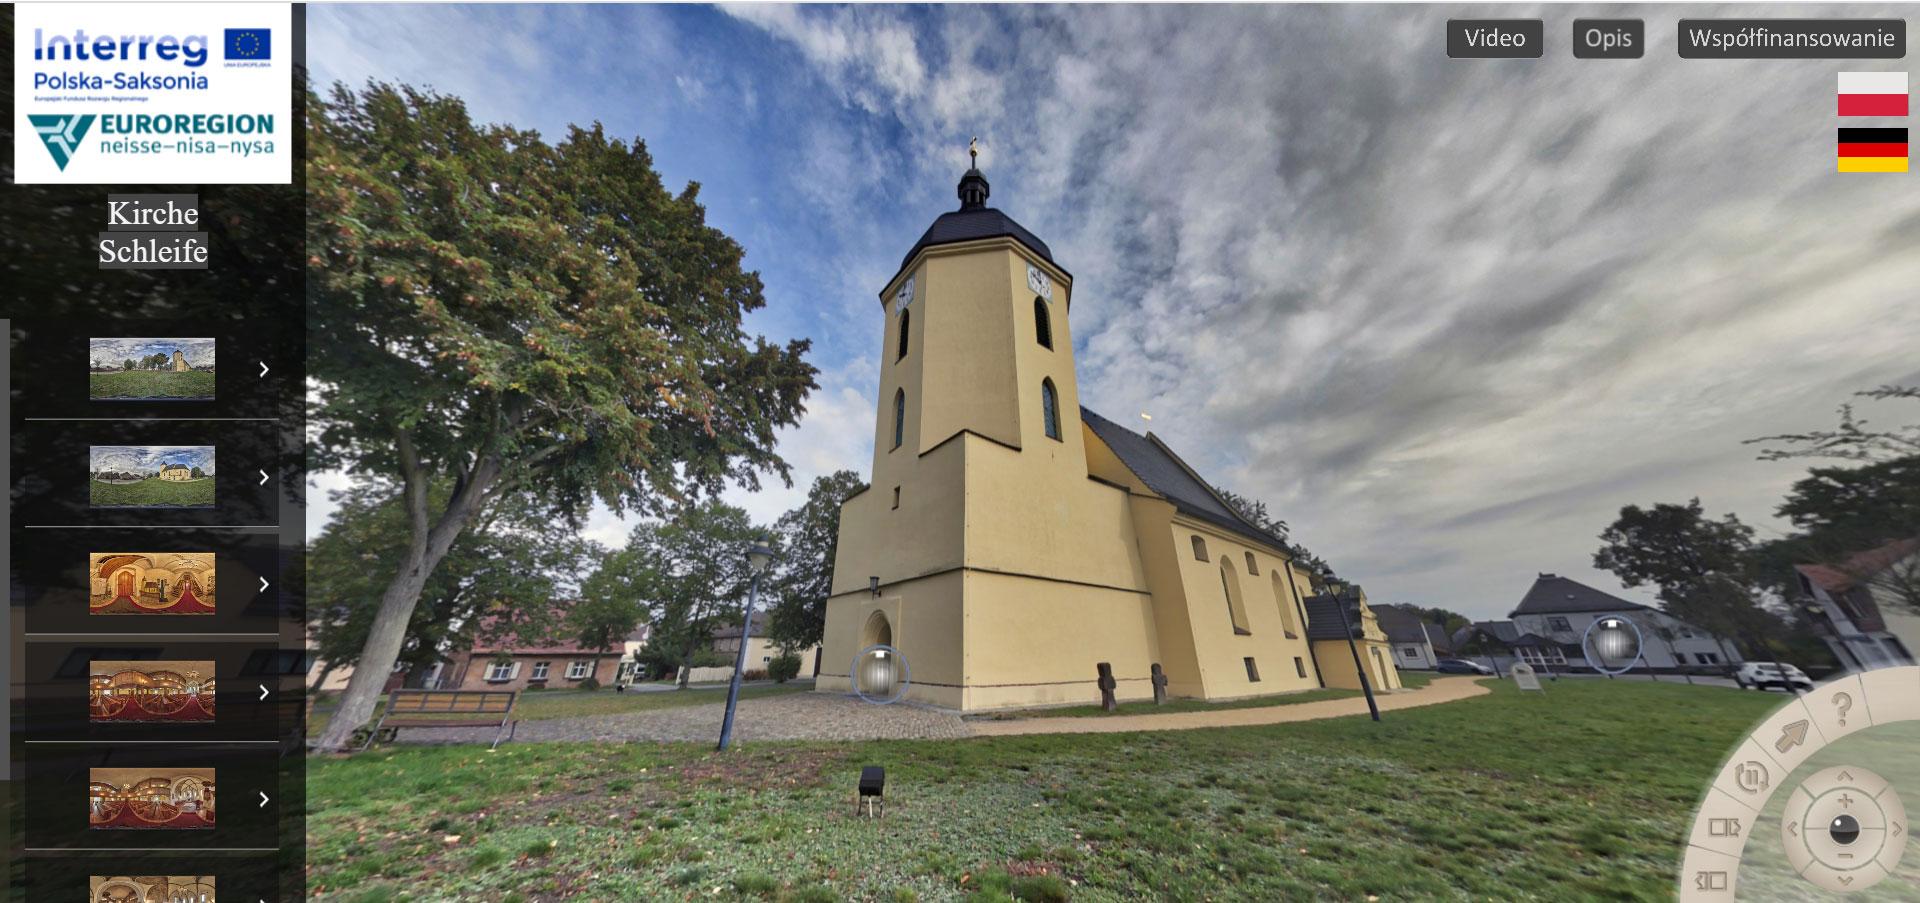 Kościół Schleife